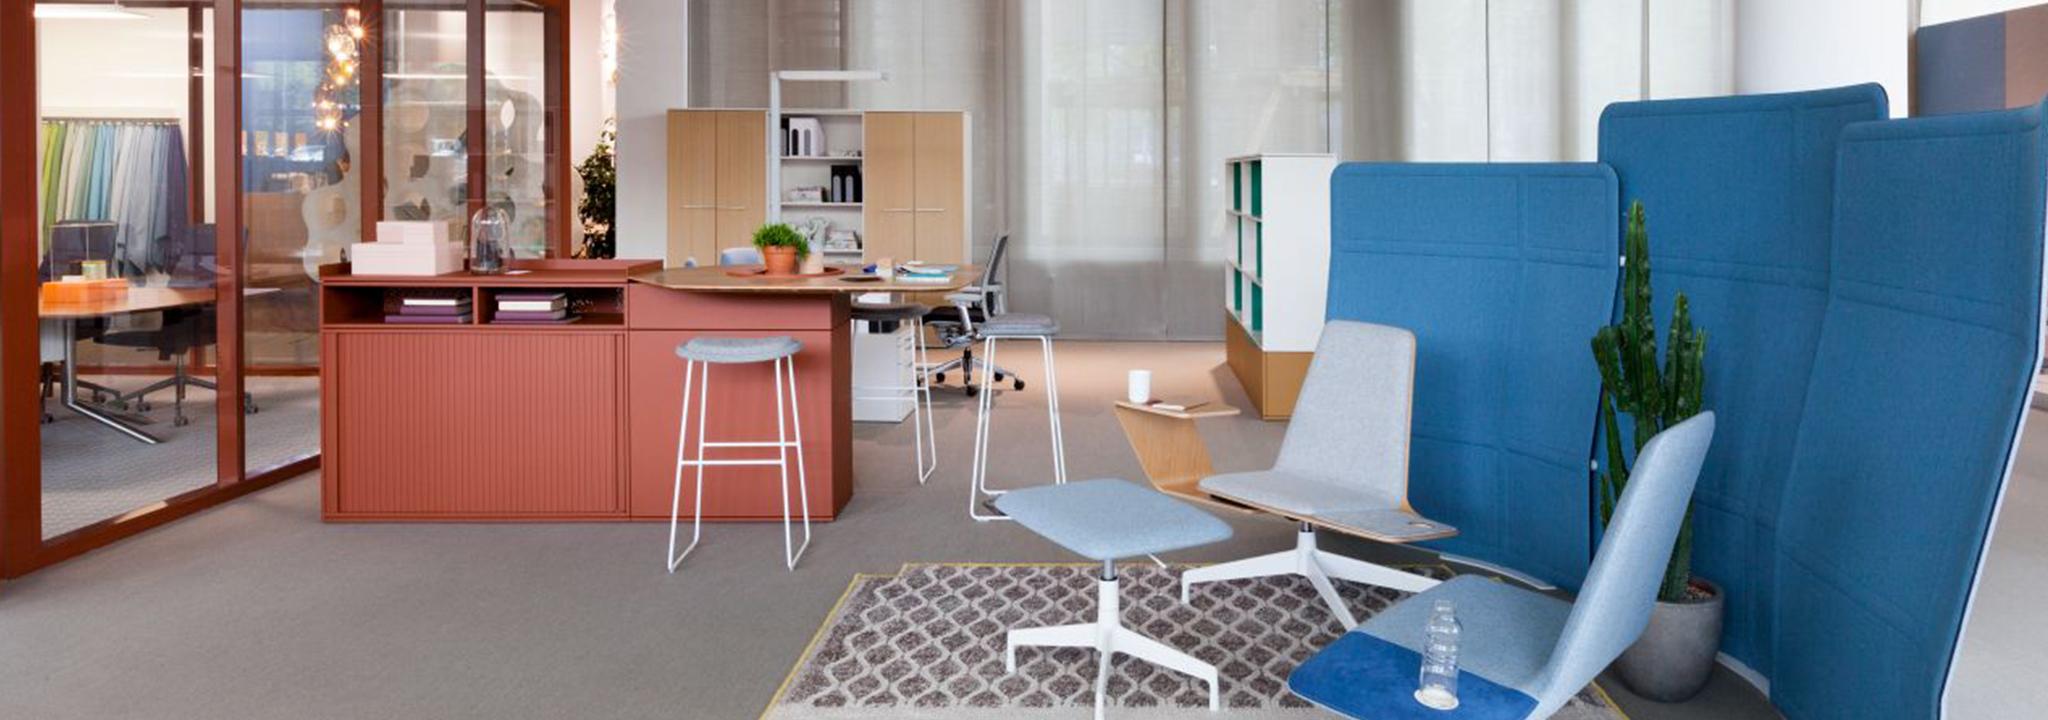 ALLTEC Bürokonzept gestaltet ergonomische und motivierende Arbeitsplätze.